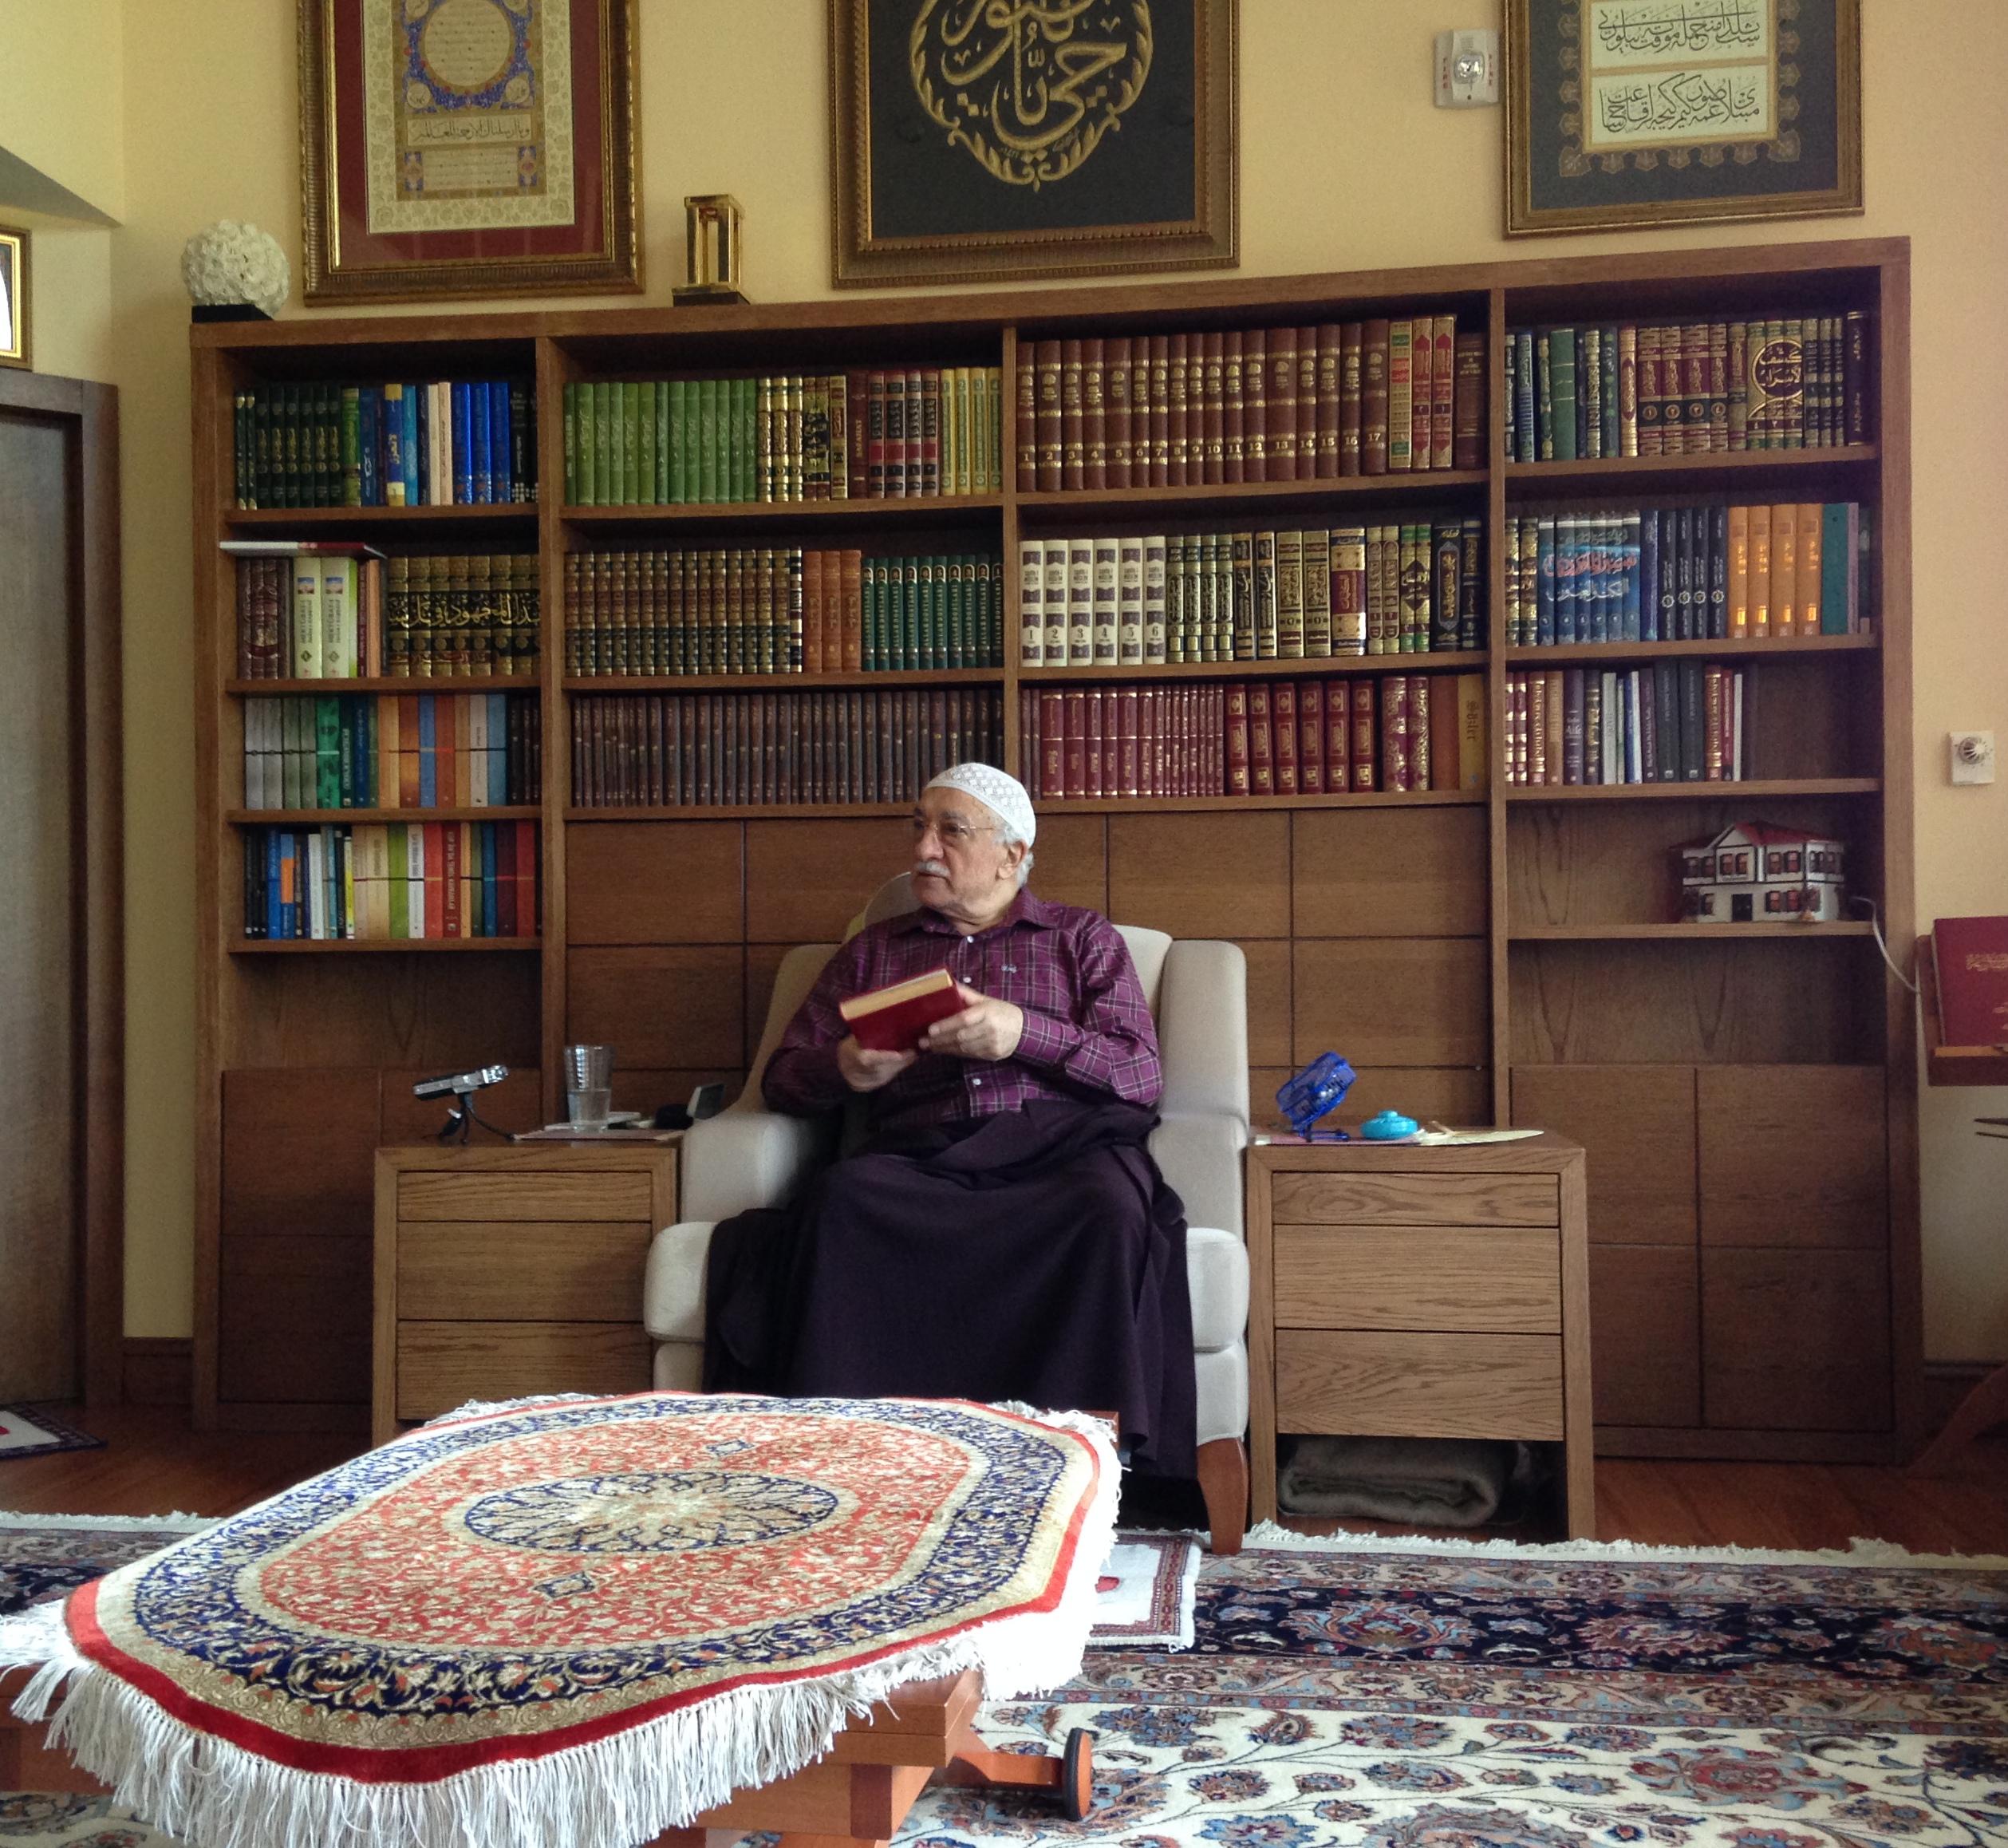 Muhterem Fethullah Gülen Hocaefendi Tefsir dersinde bir kelimenin farklı manalarını anlatırken